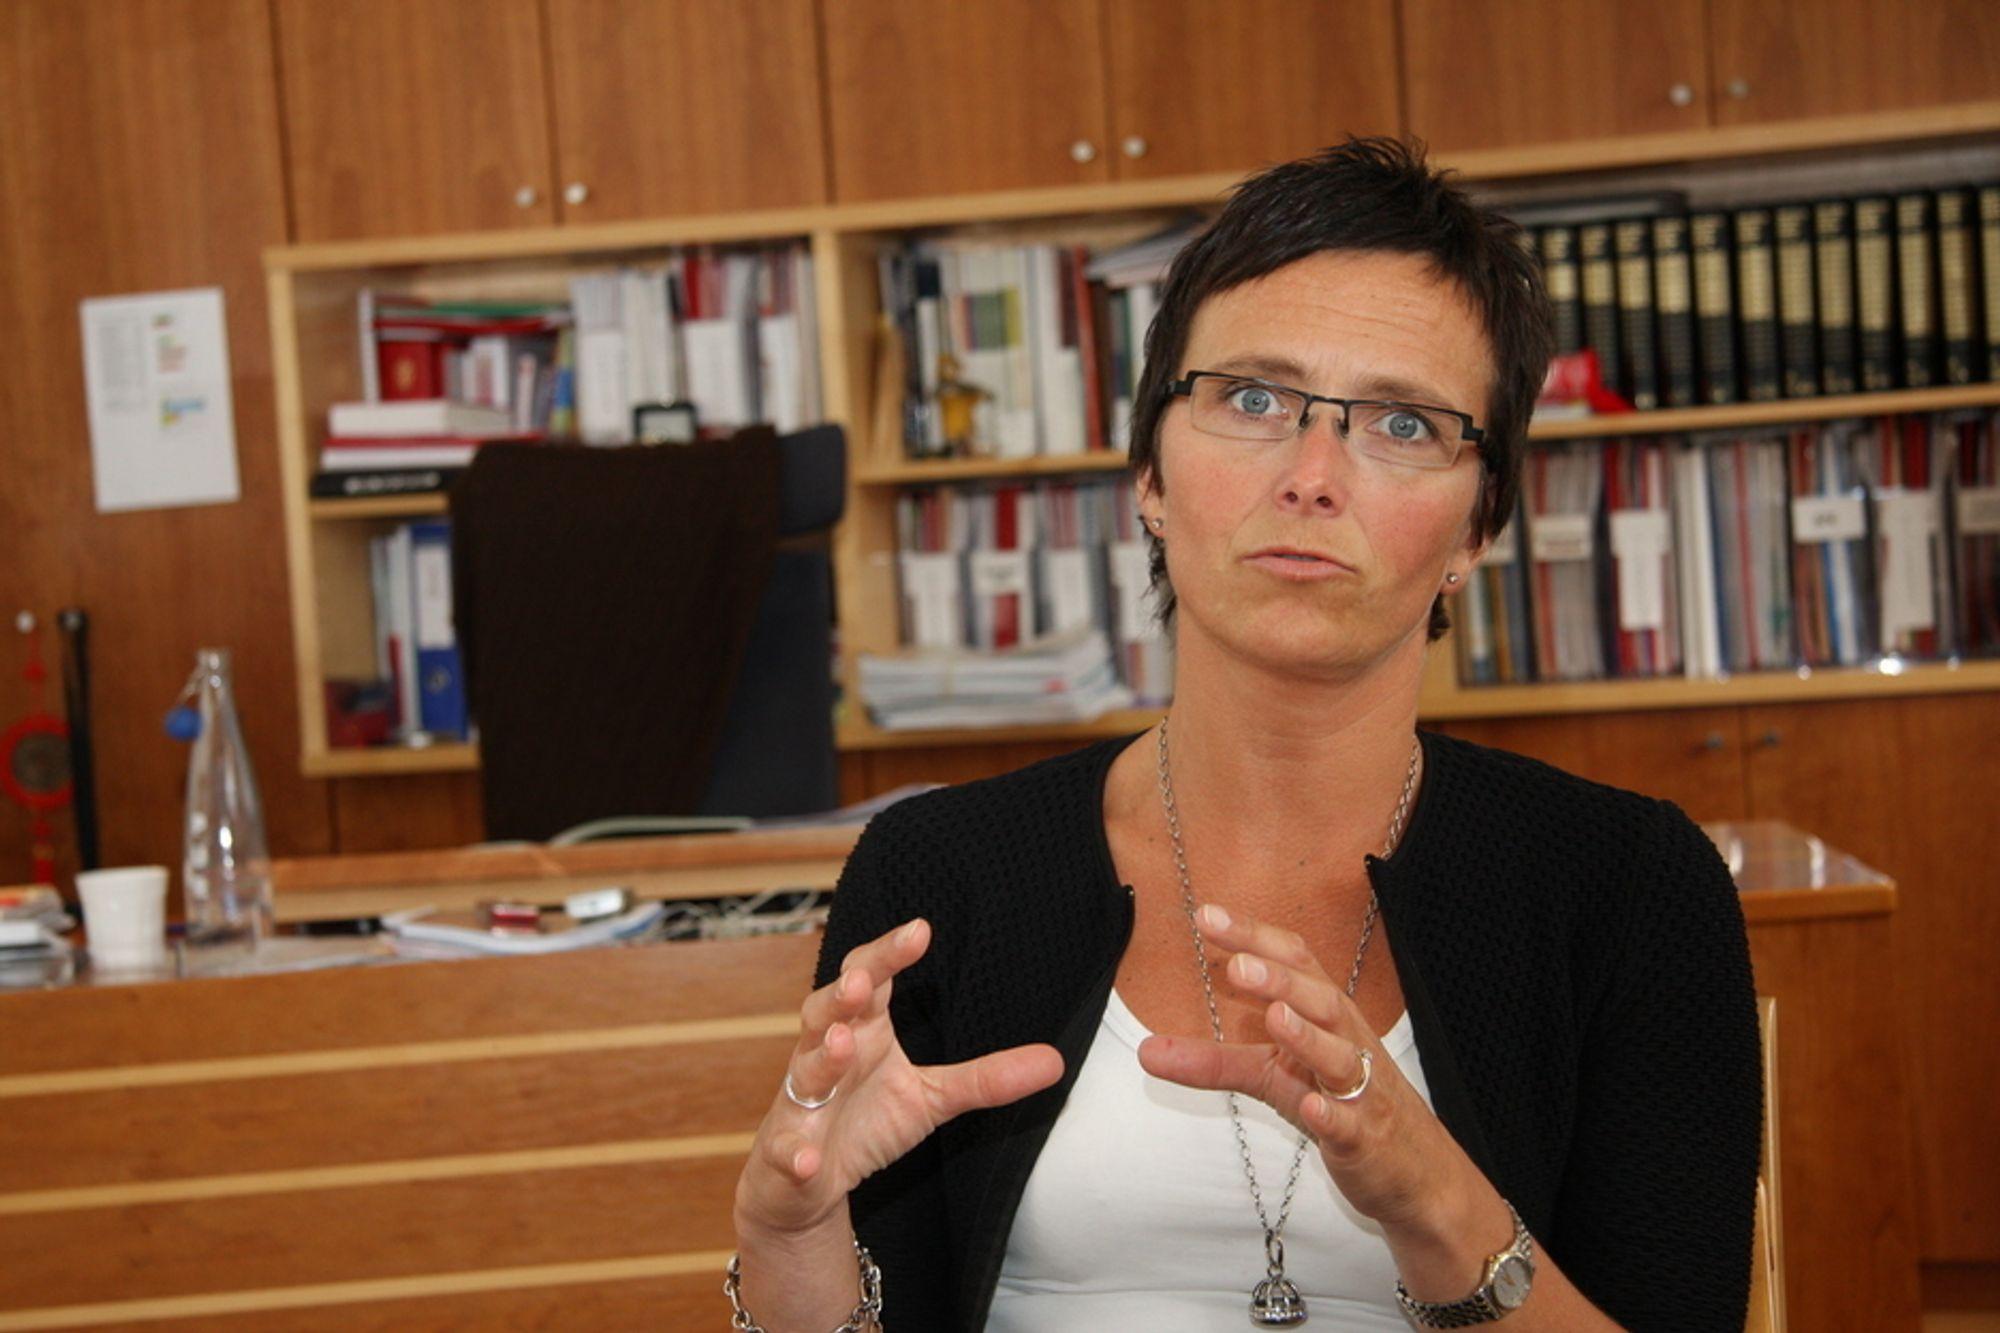 Fornyingsminister Heidi Grande Røys har sikret seg 80 millioner kroner til utvikling av en felles påloggingsløsning til offentlige nettjenester.